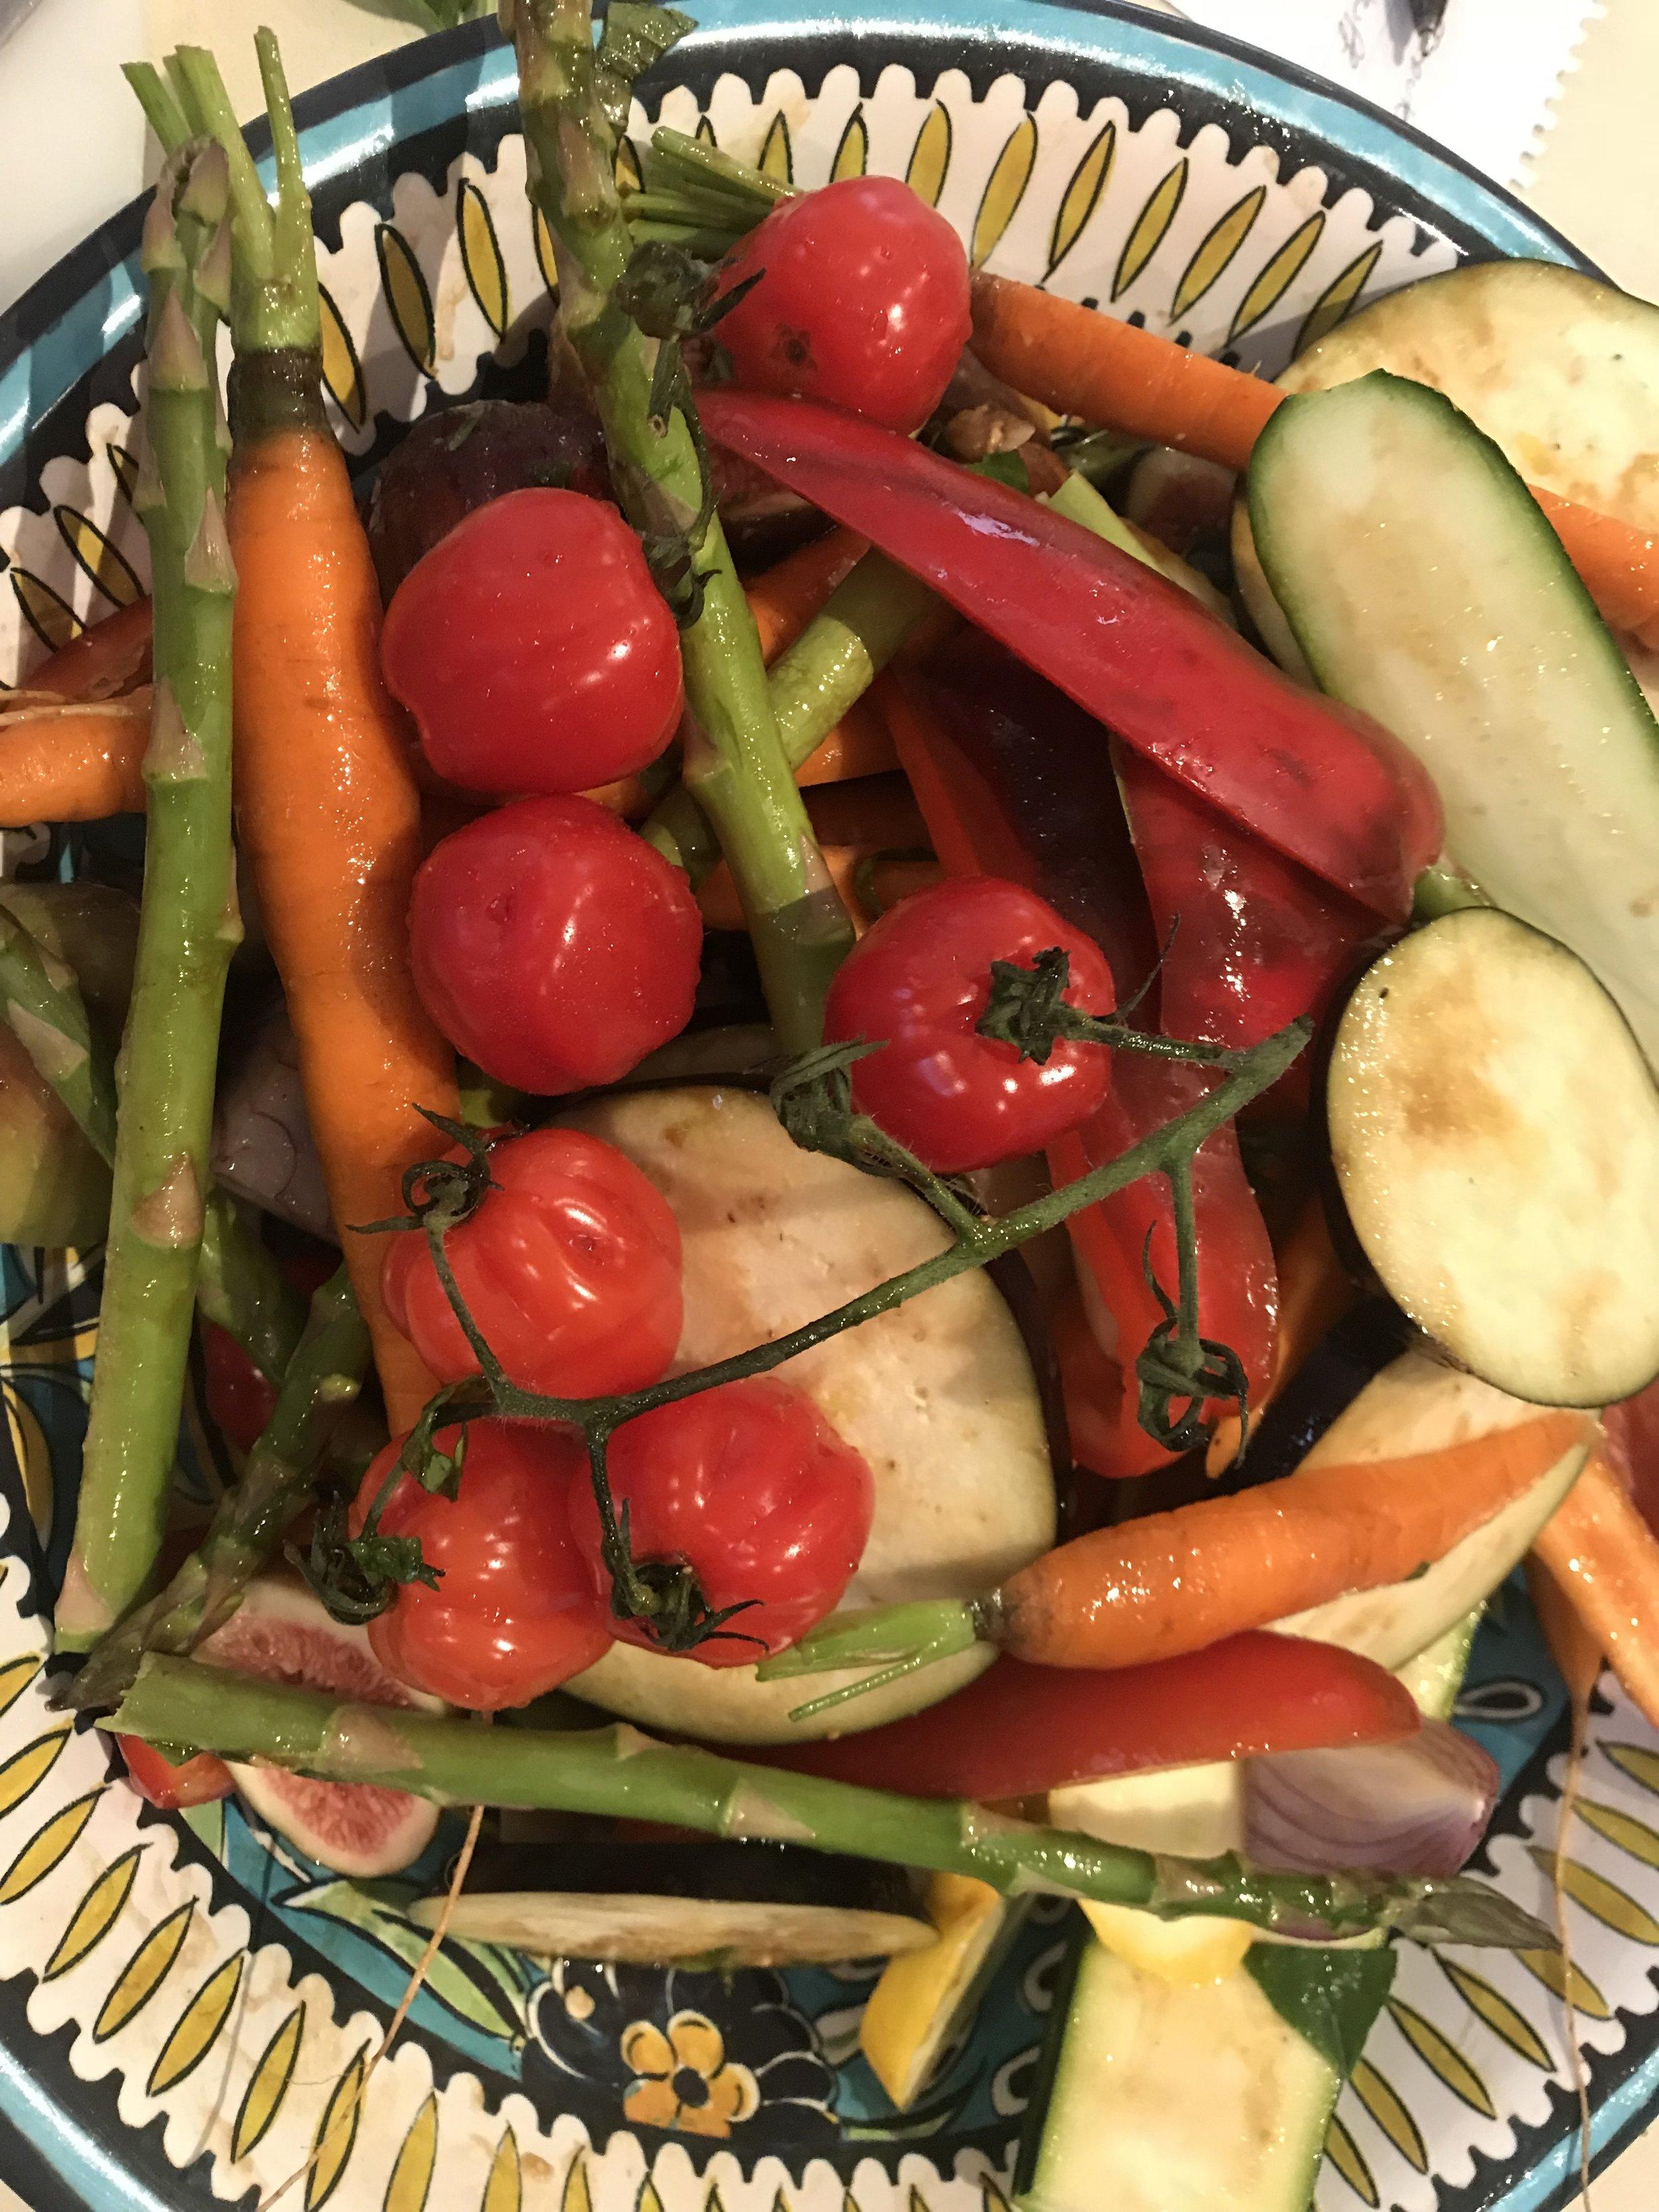 grilled veggies before.jpg